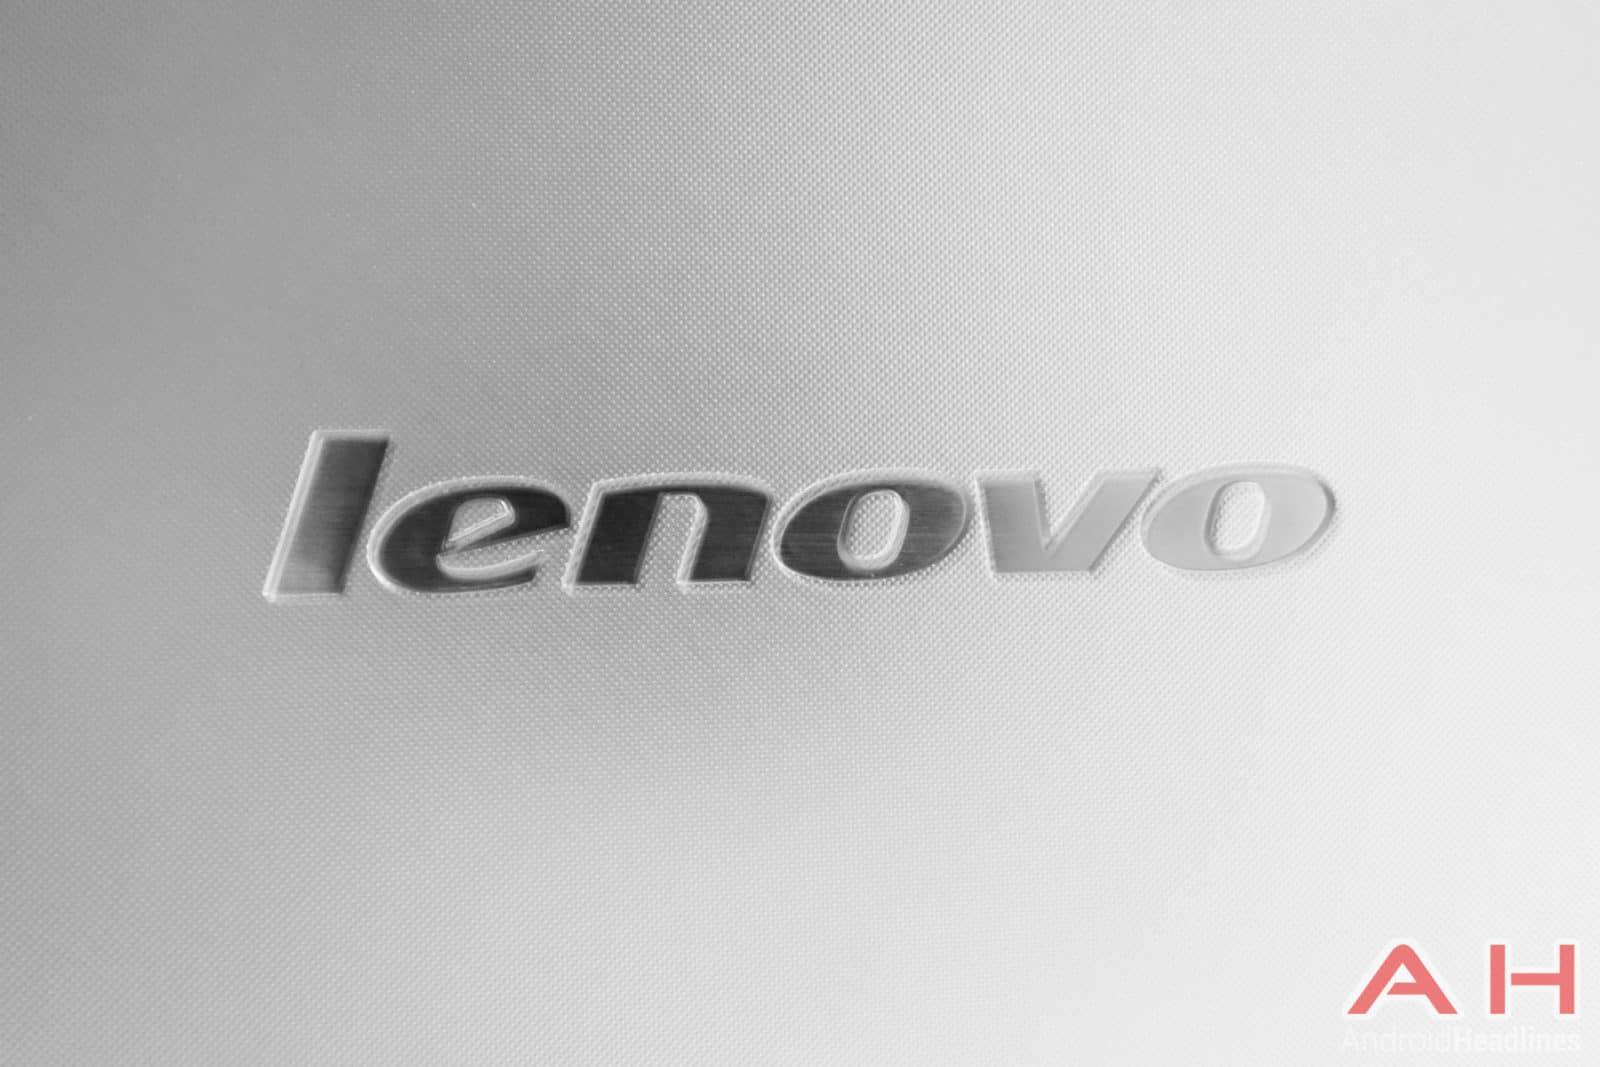 Lenovo-Logo-AH-1-8